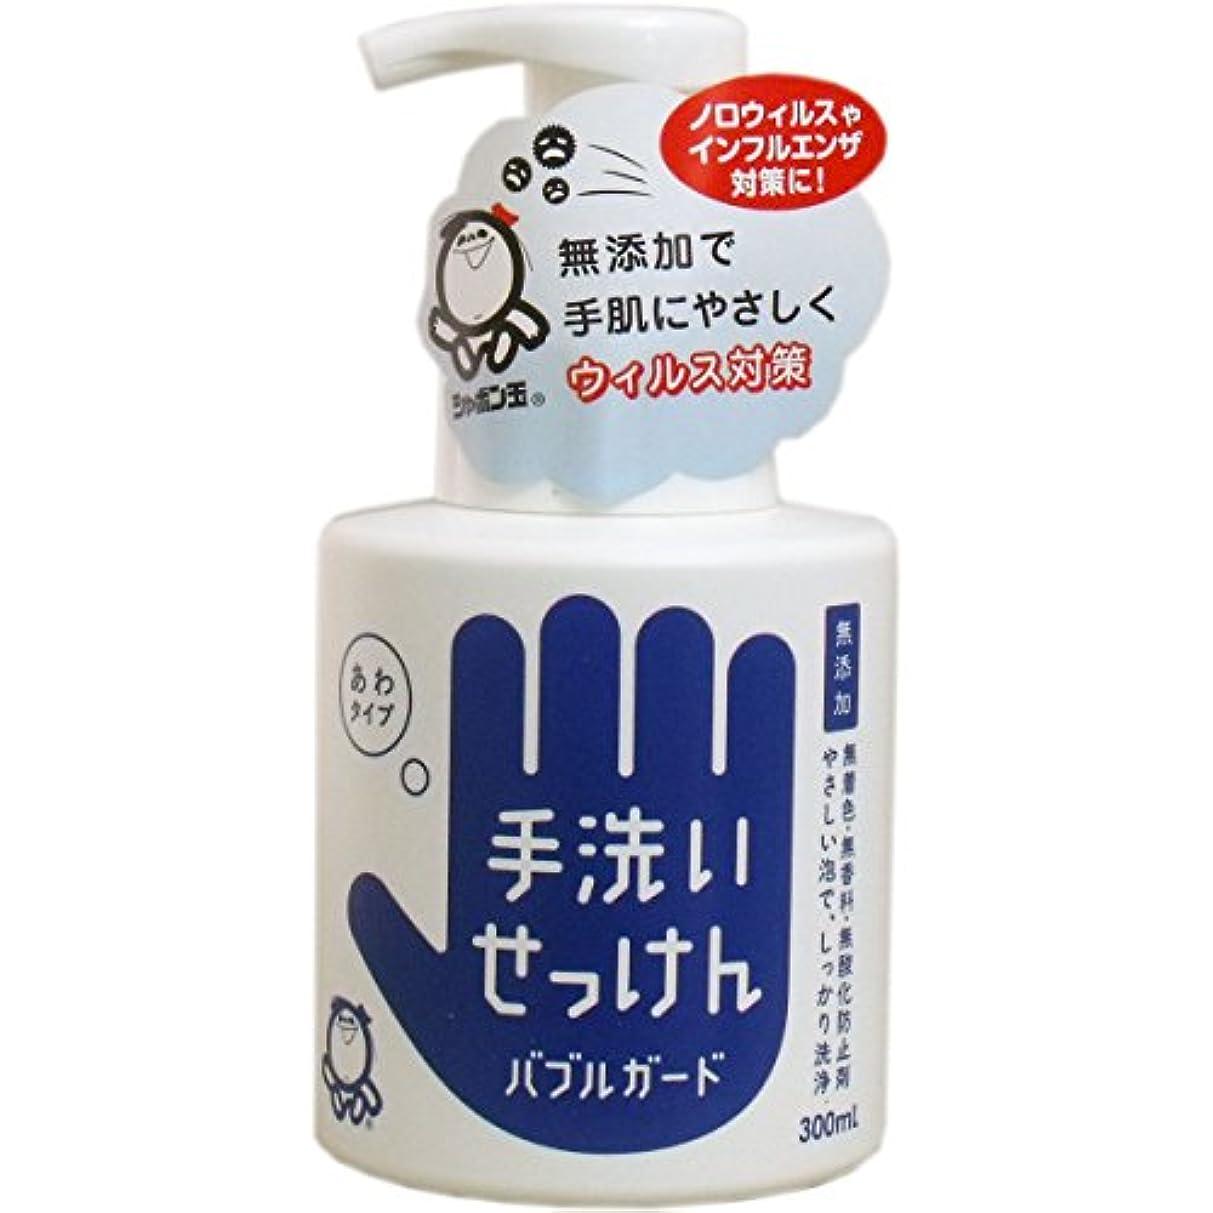 白雪姫有効化免疫する無添加 シャボン玉 手洗いせっけん バブルガード あわタイプ 300mL